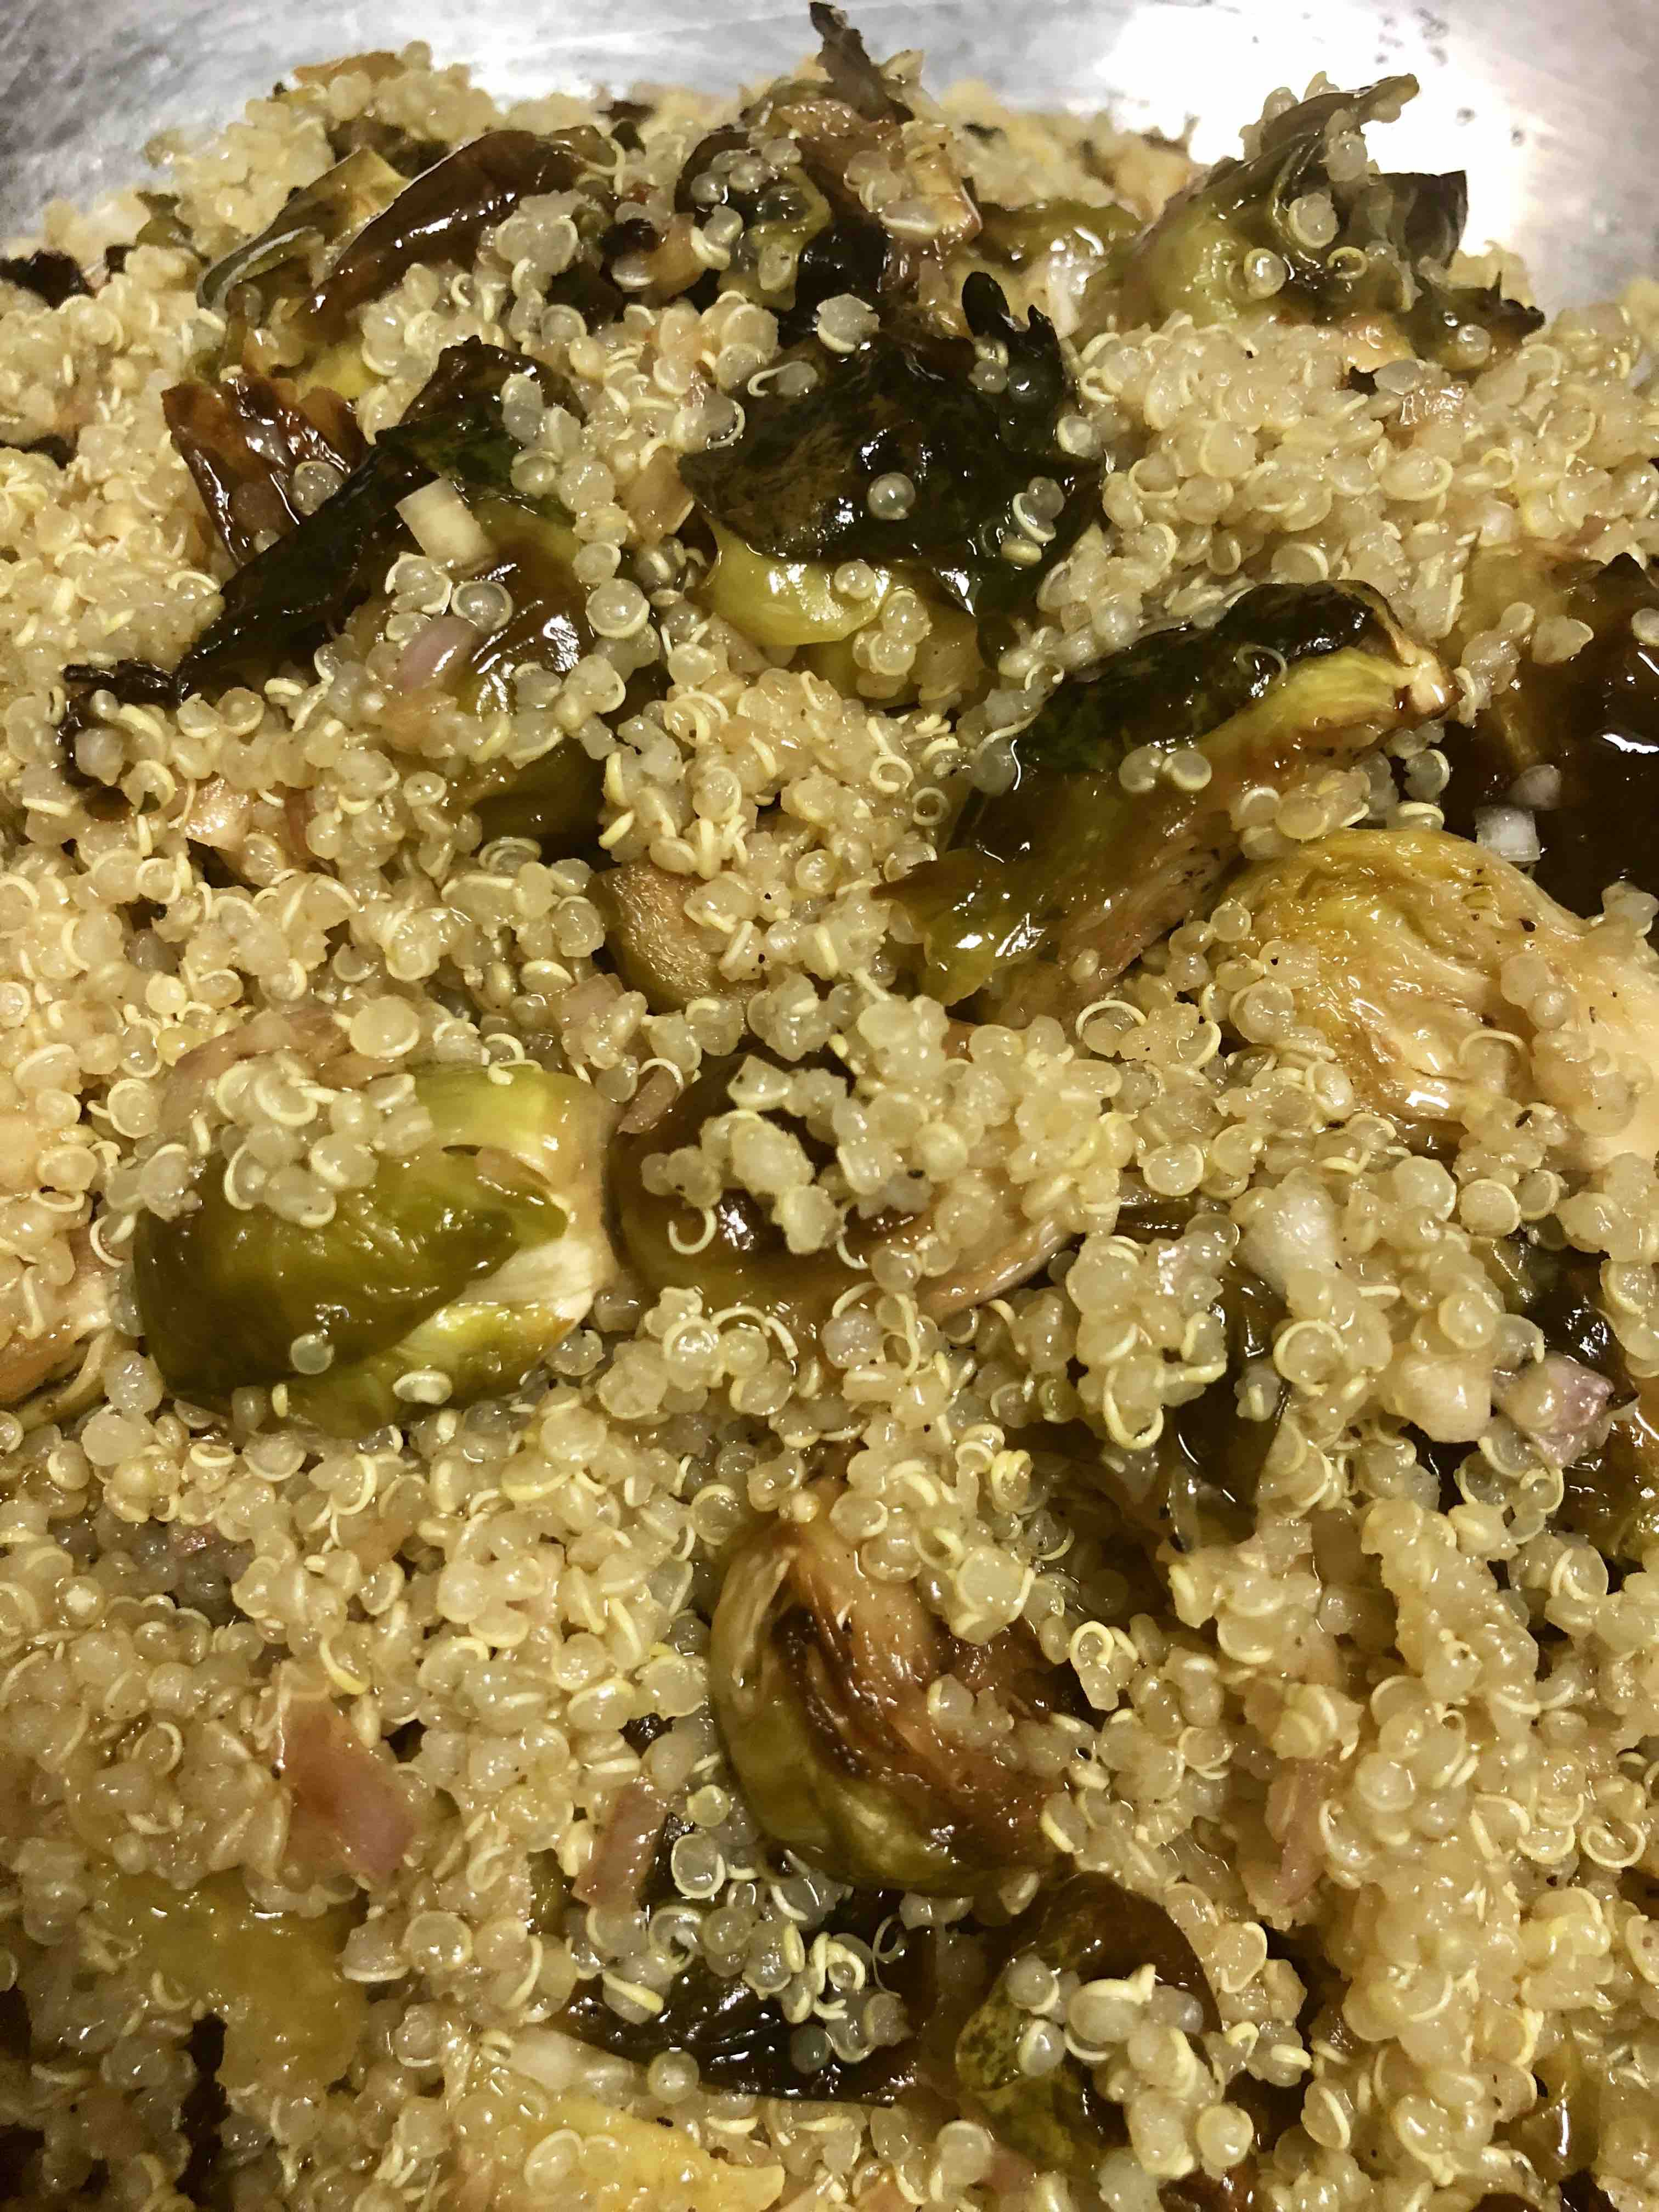 shilo's brussel sprout quinoa